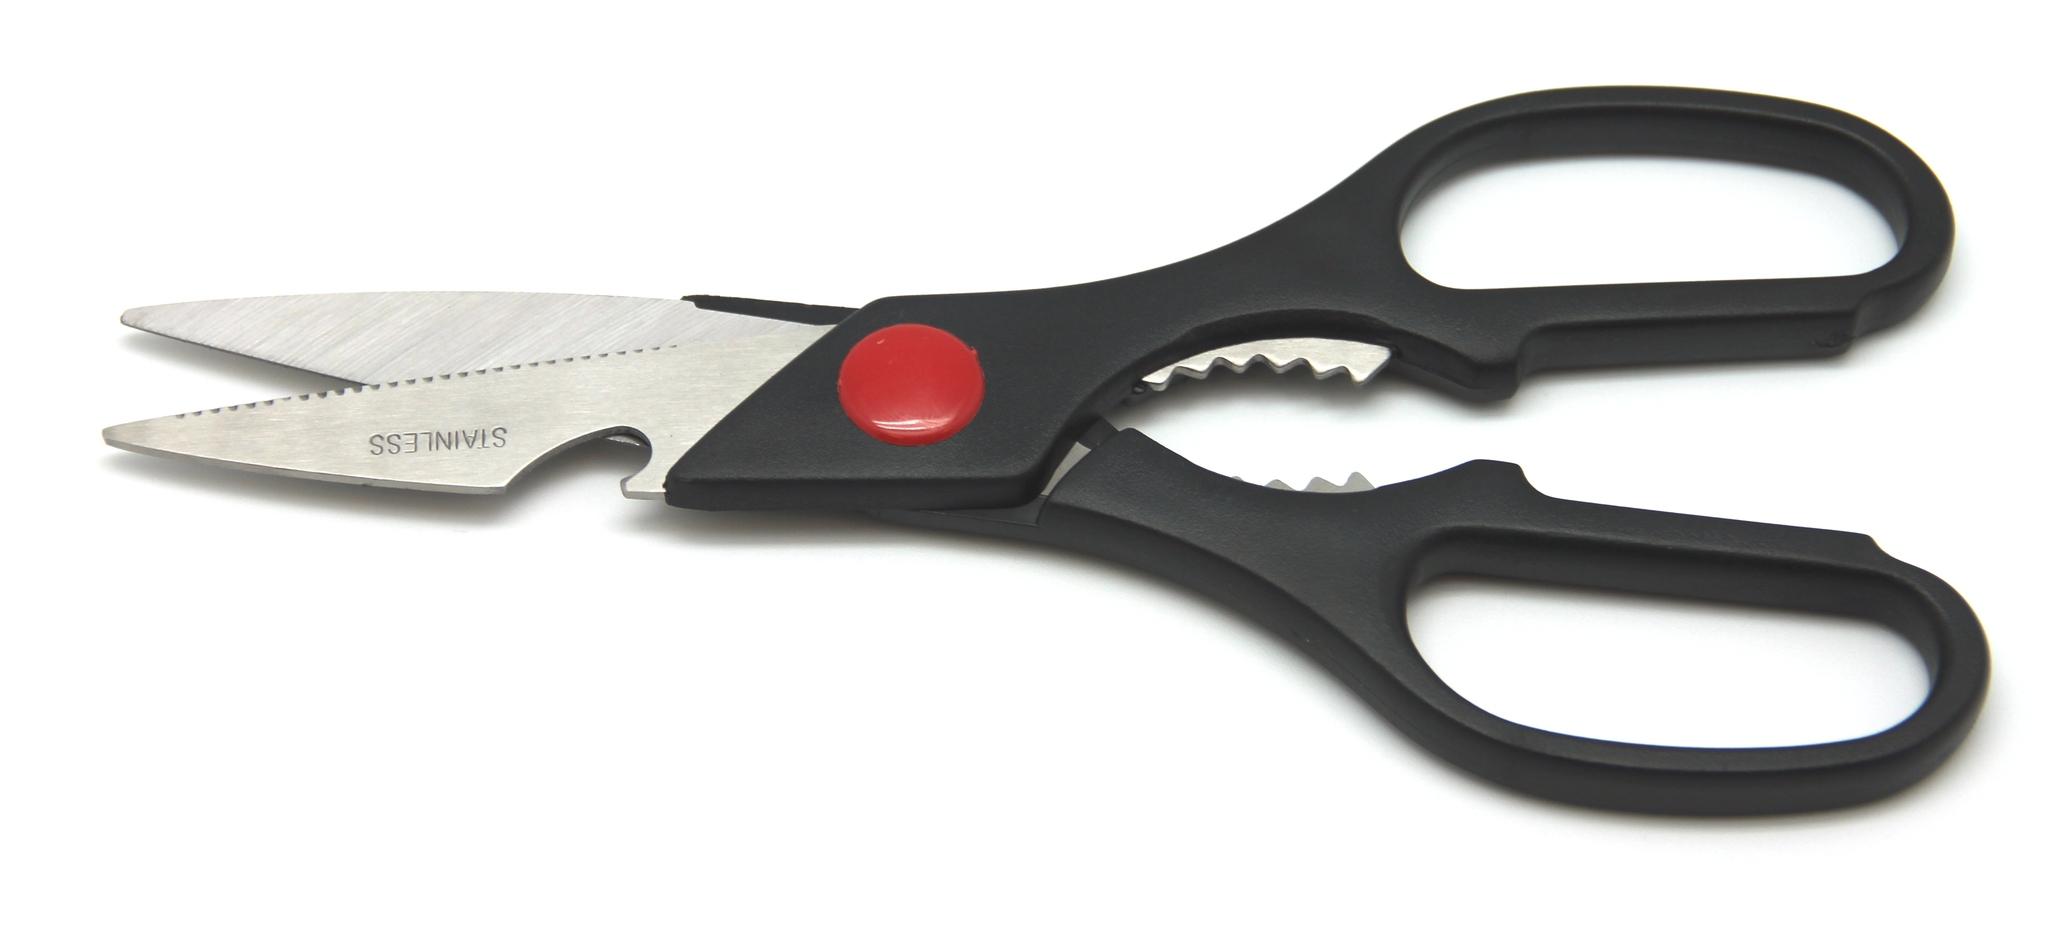 Ножницы кухонные 20см, артикул 24311-SK, производитель - Atlantis